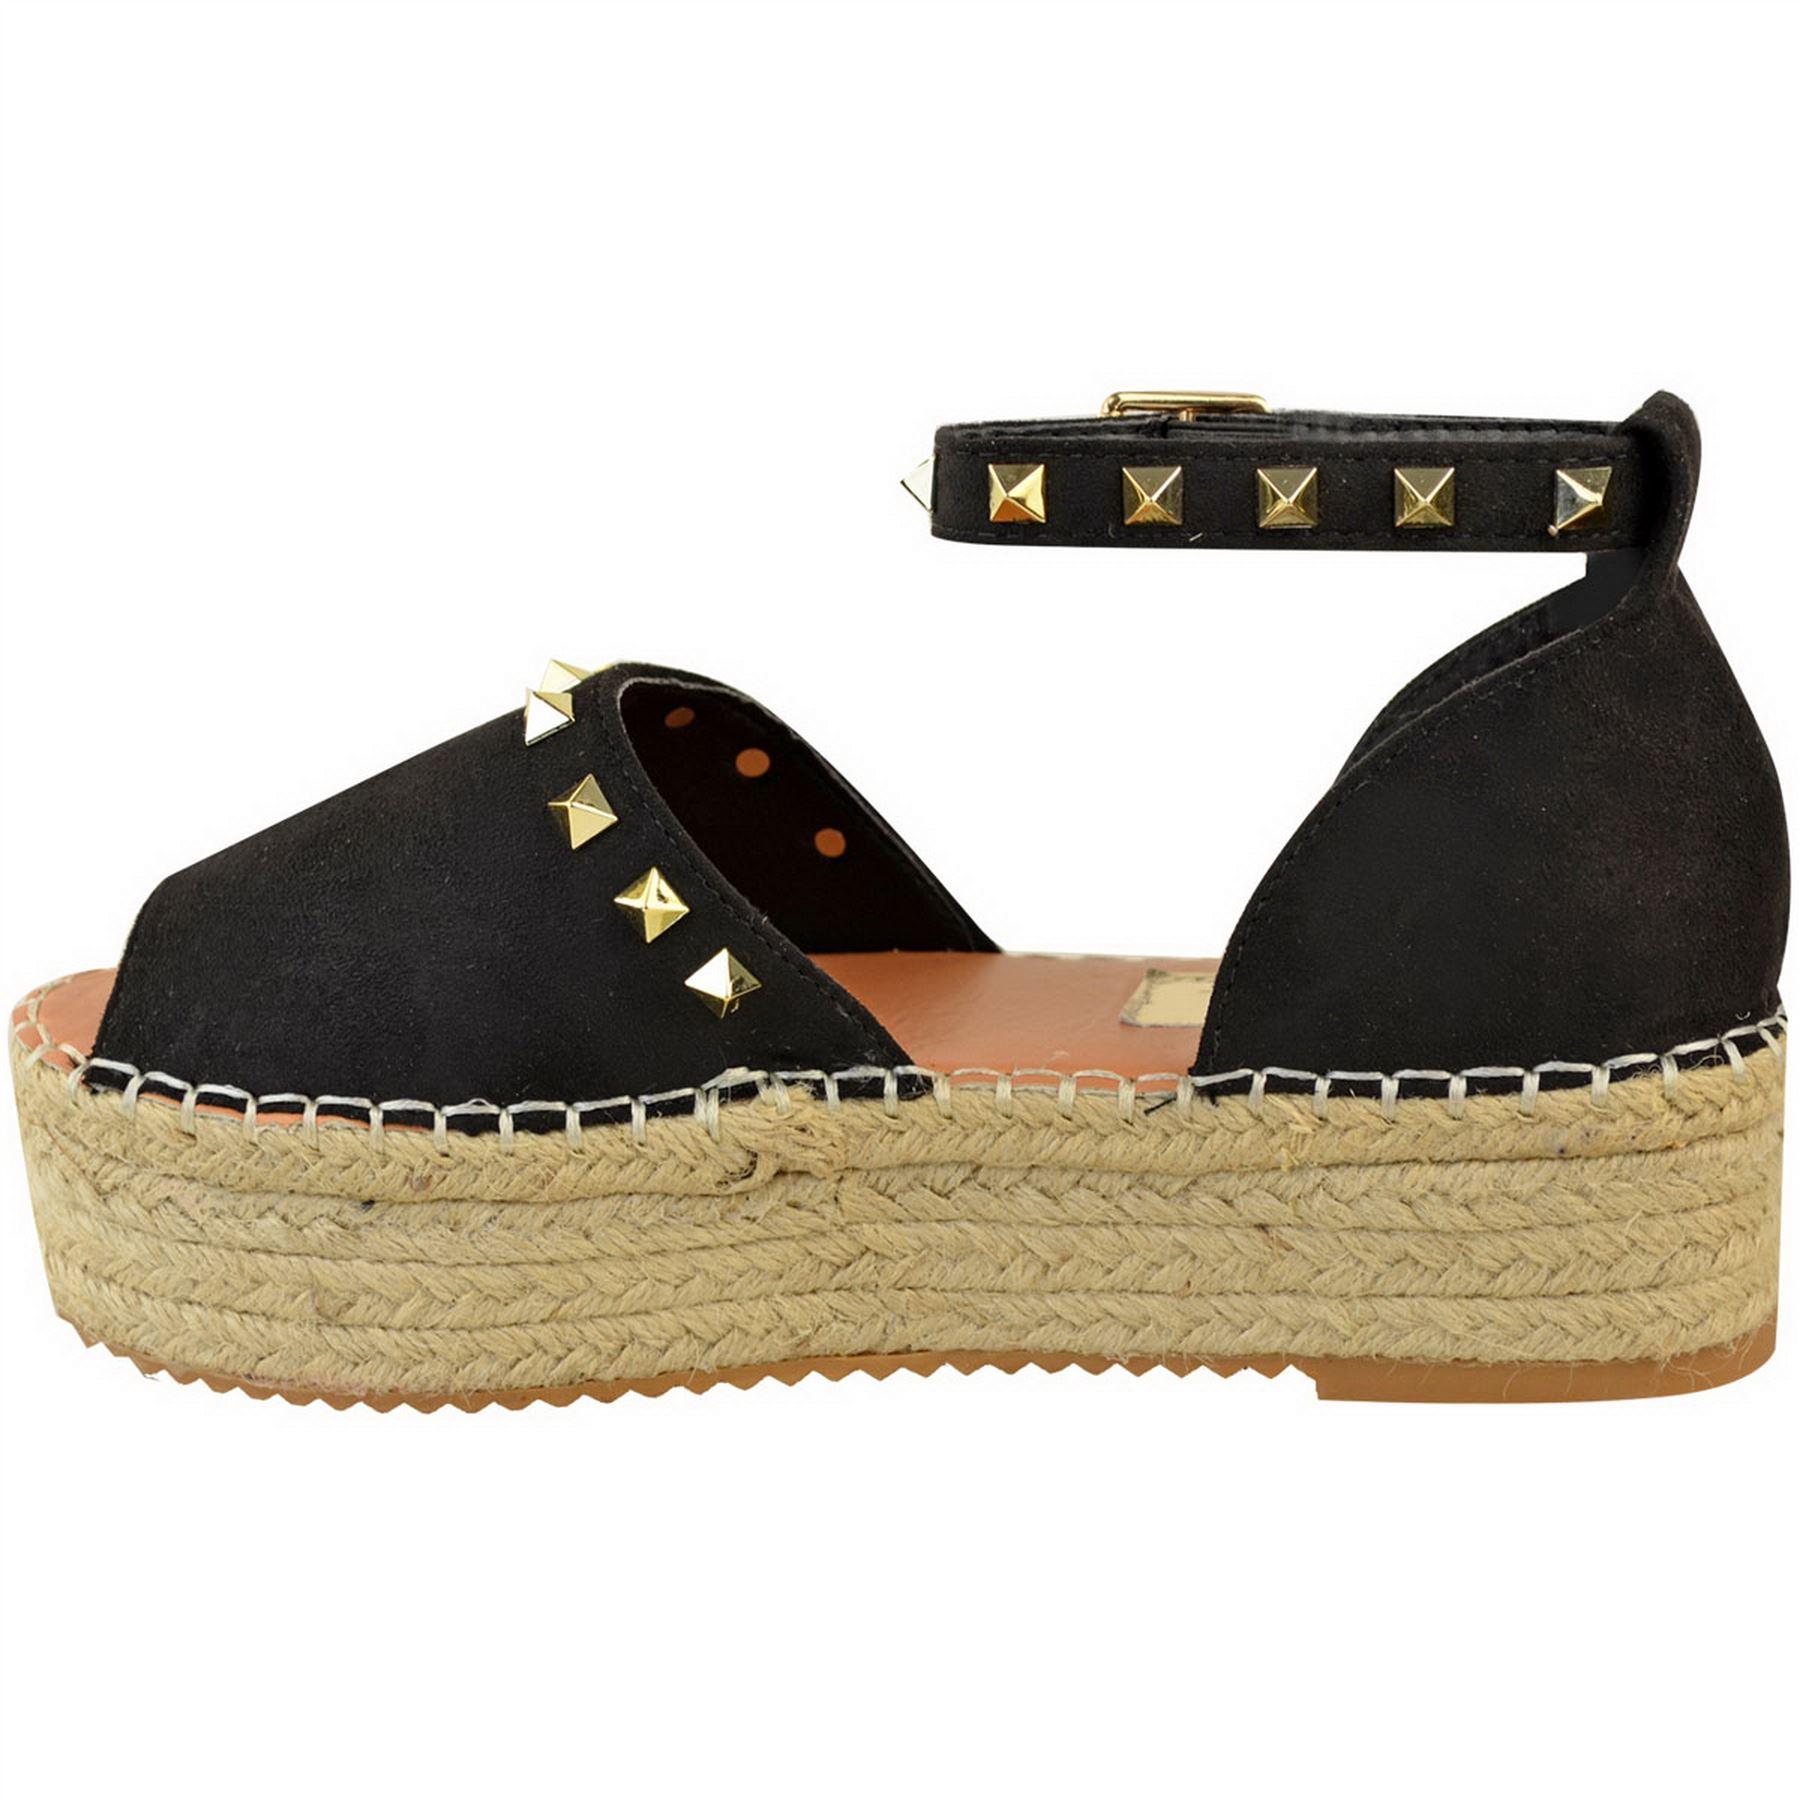 Womens Ladies Flatform Platform Studs Ankle Strap Espadrilles Sandals Shoes Size